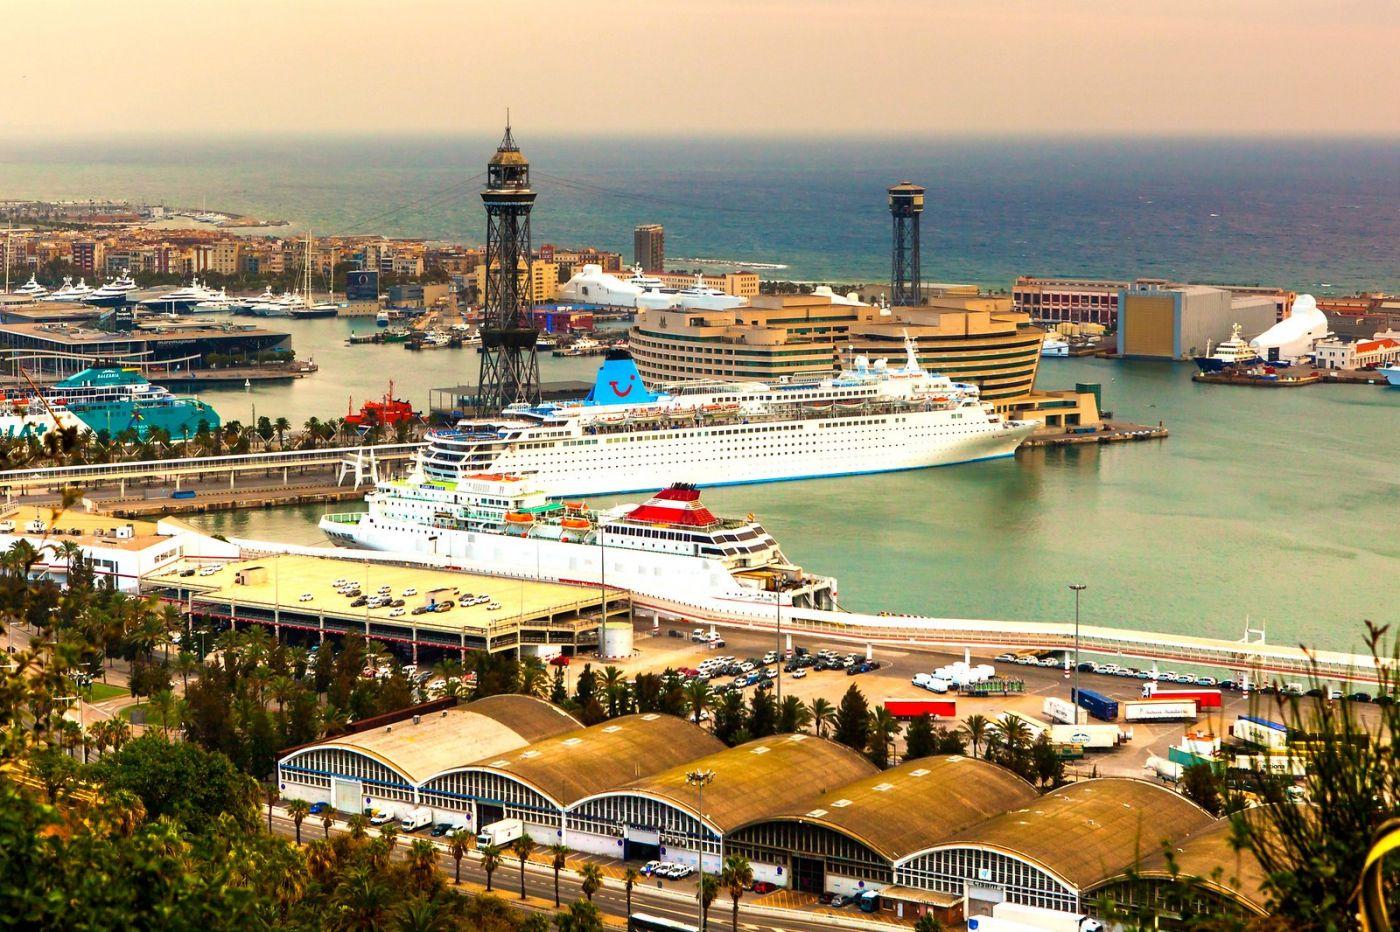 西班牙小岛,鸟瞰港景_图1-10